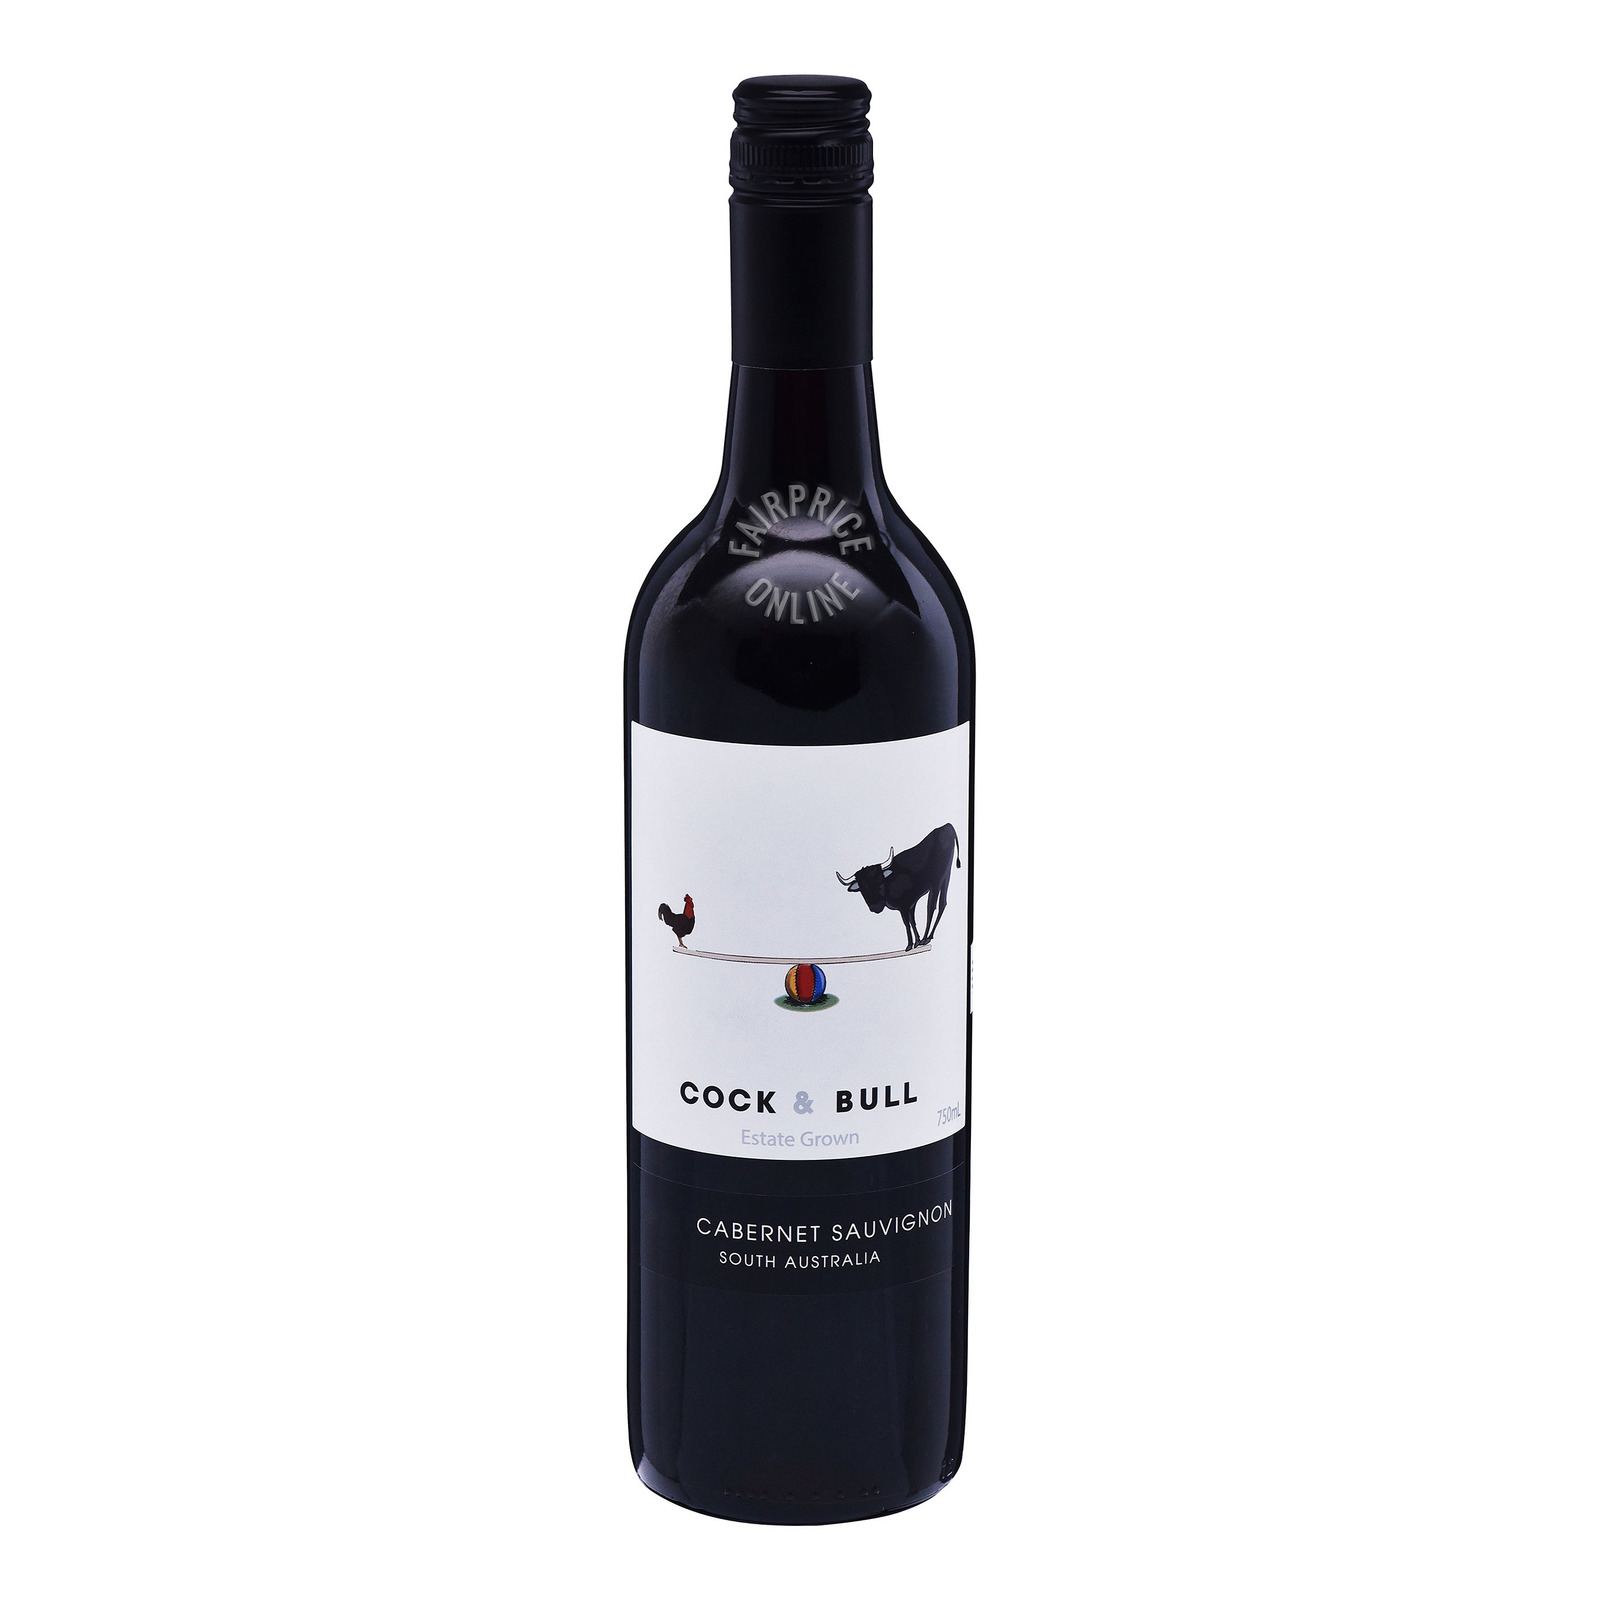 Cock + Bull Red Wine - Cabernet Sauvignon